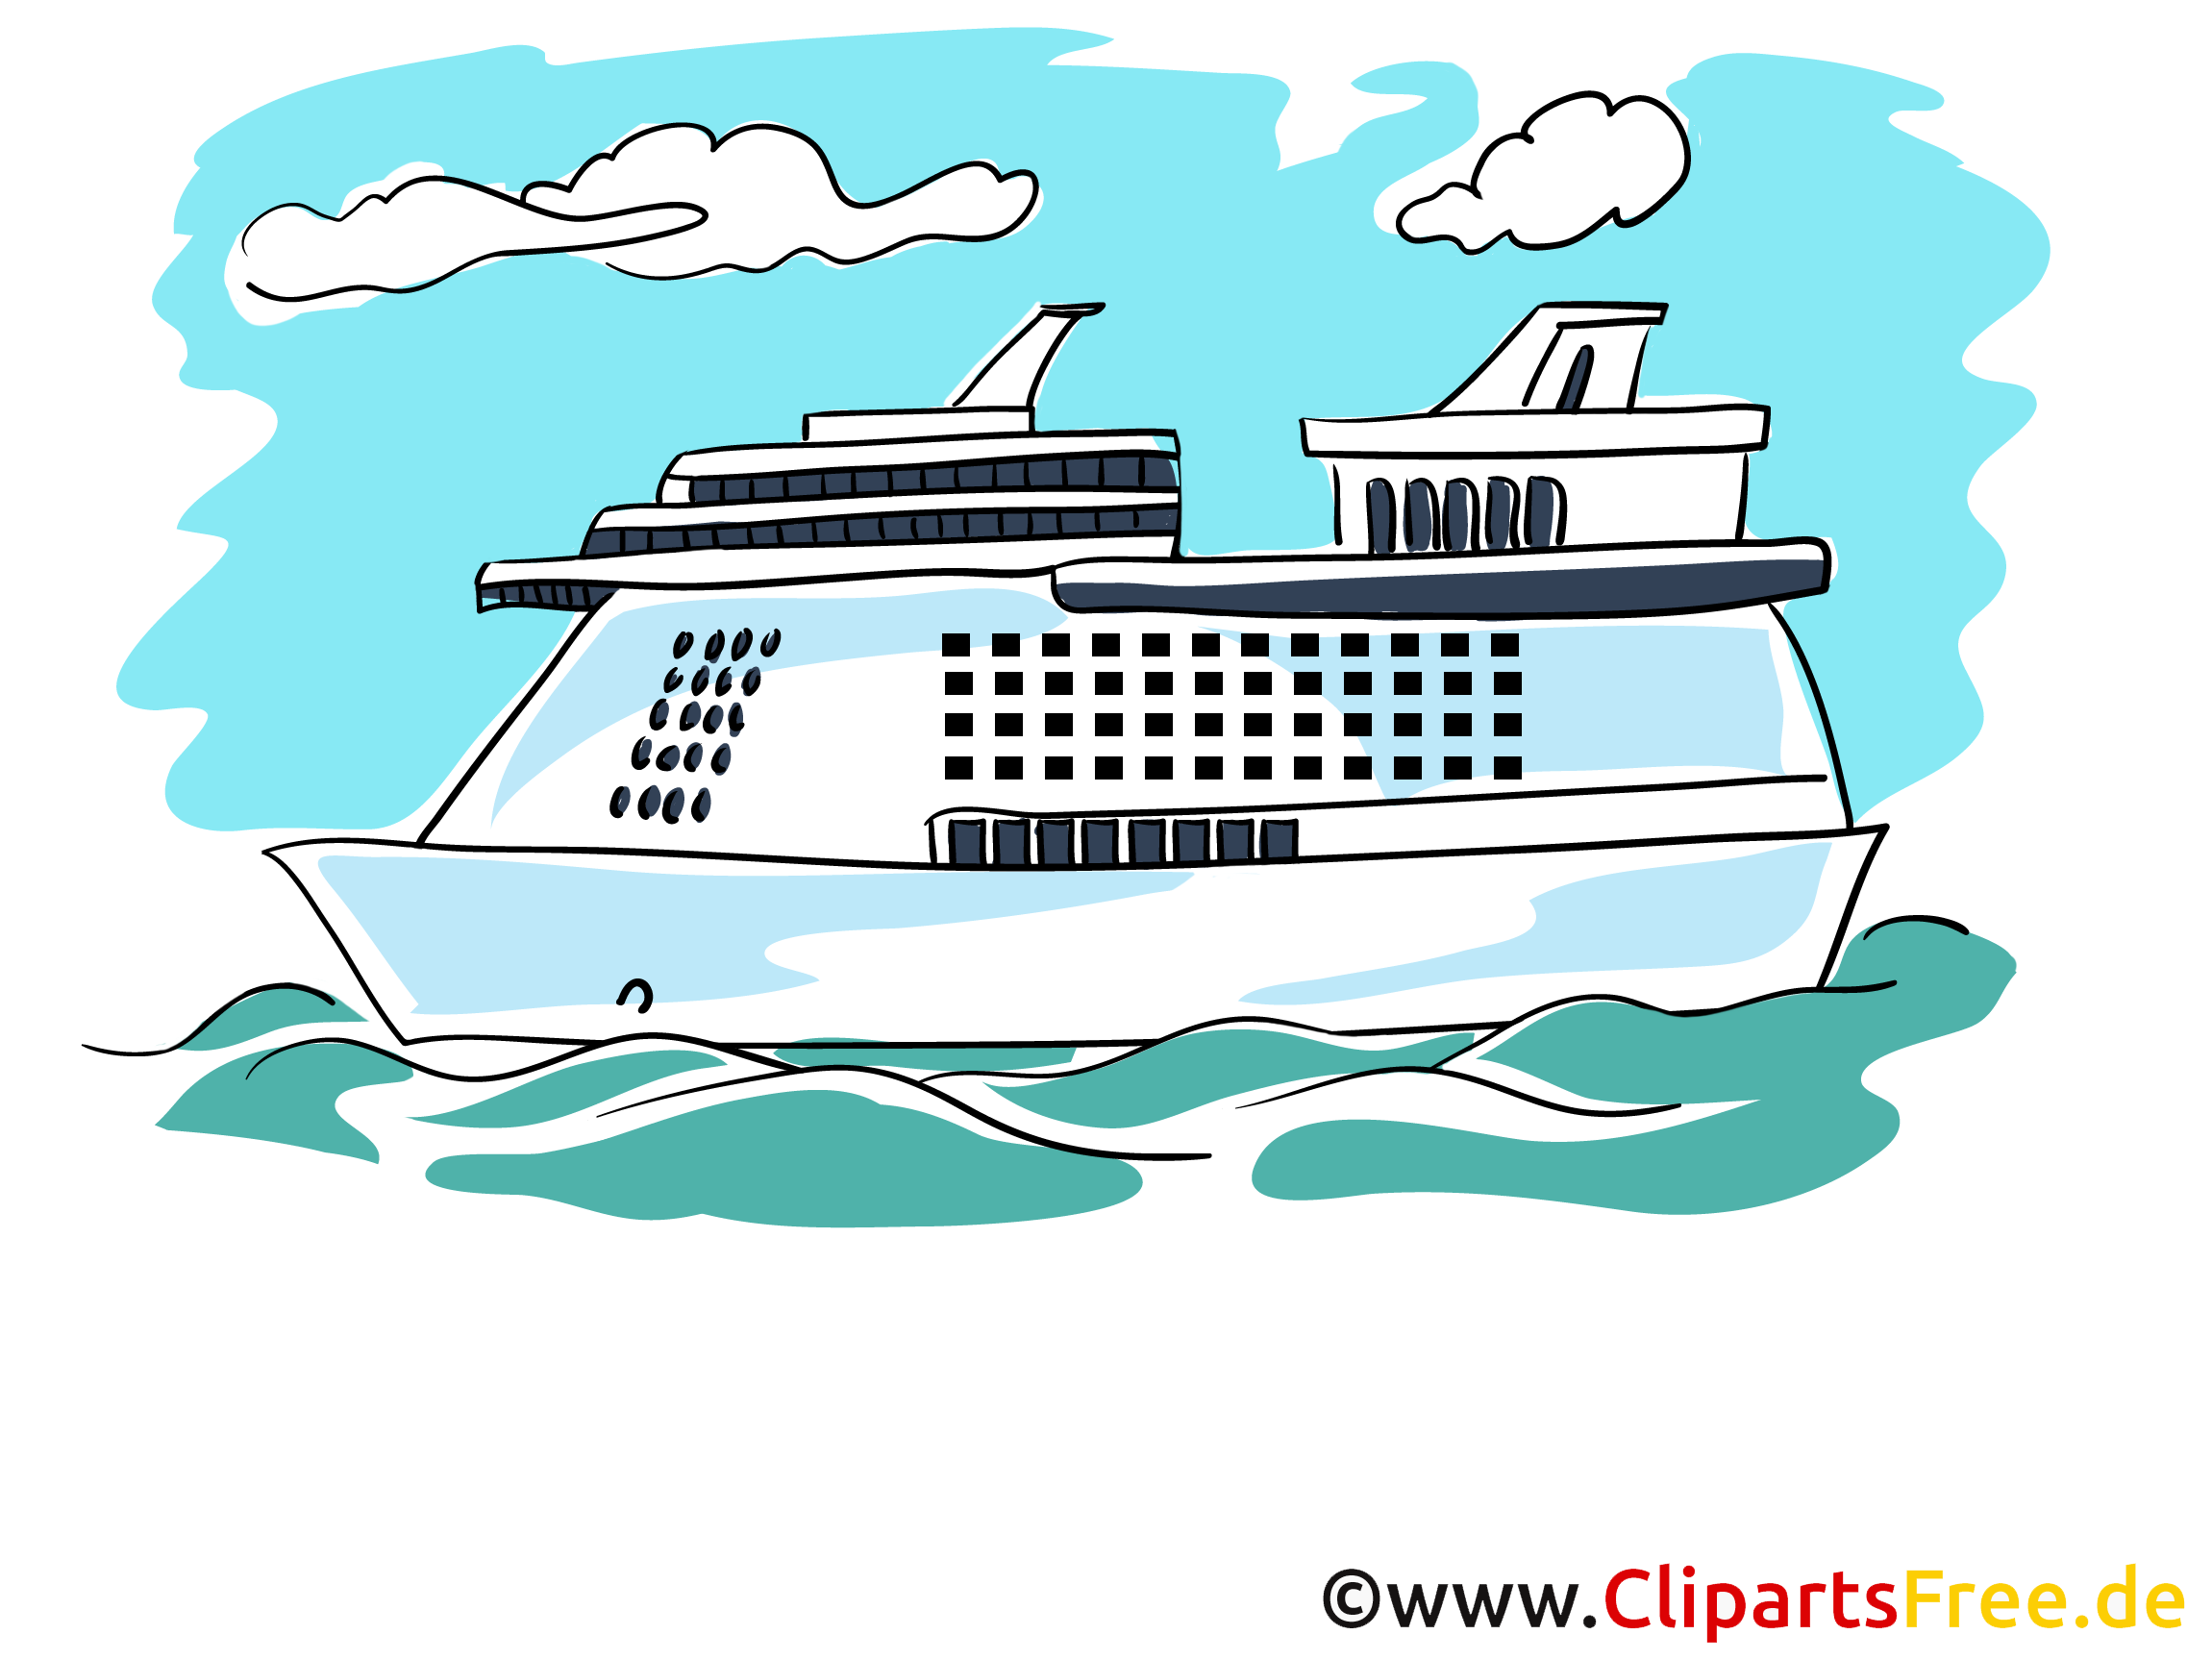 Erfreut Kreuzfahrtschiff Malvorlagen Ideen Malvorlagen Von Tieren